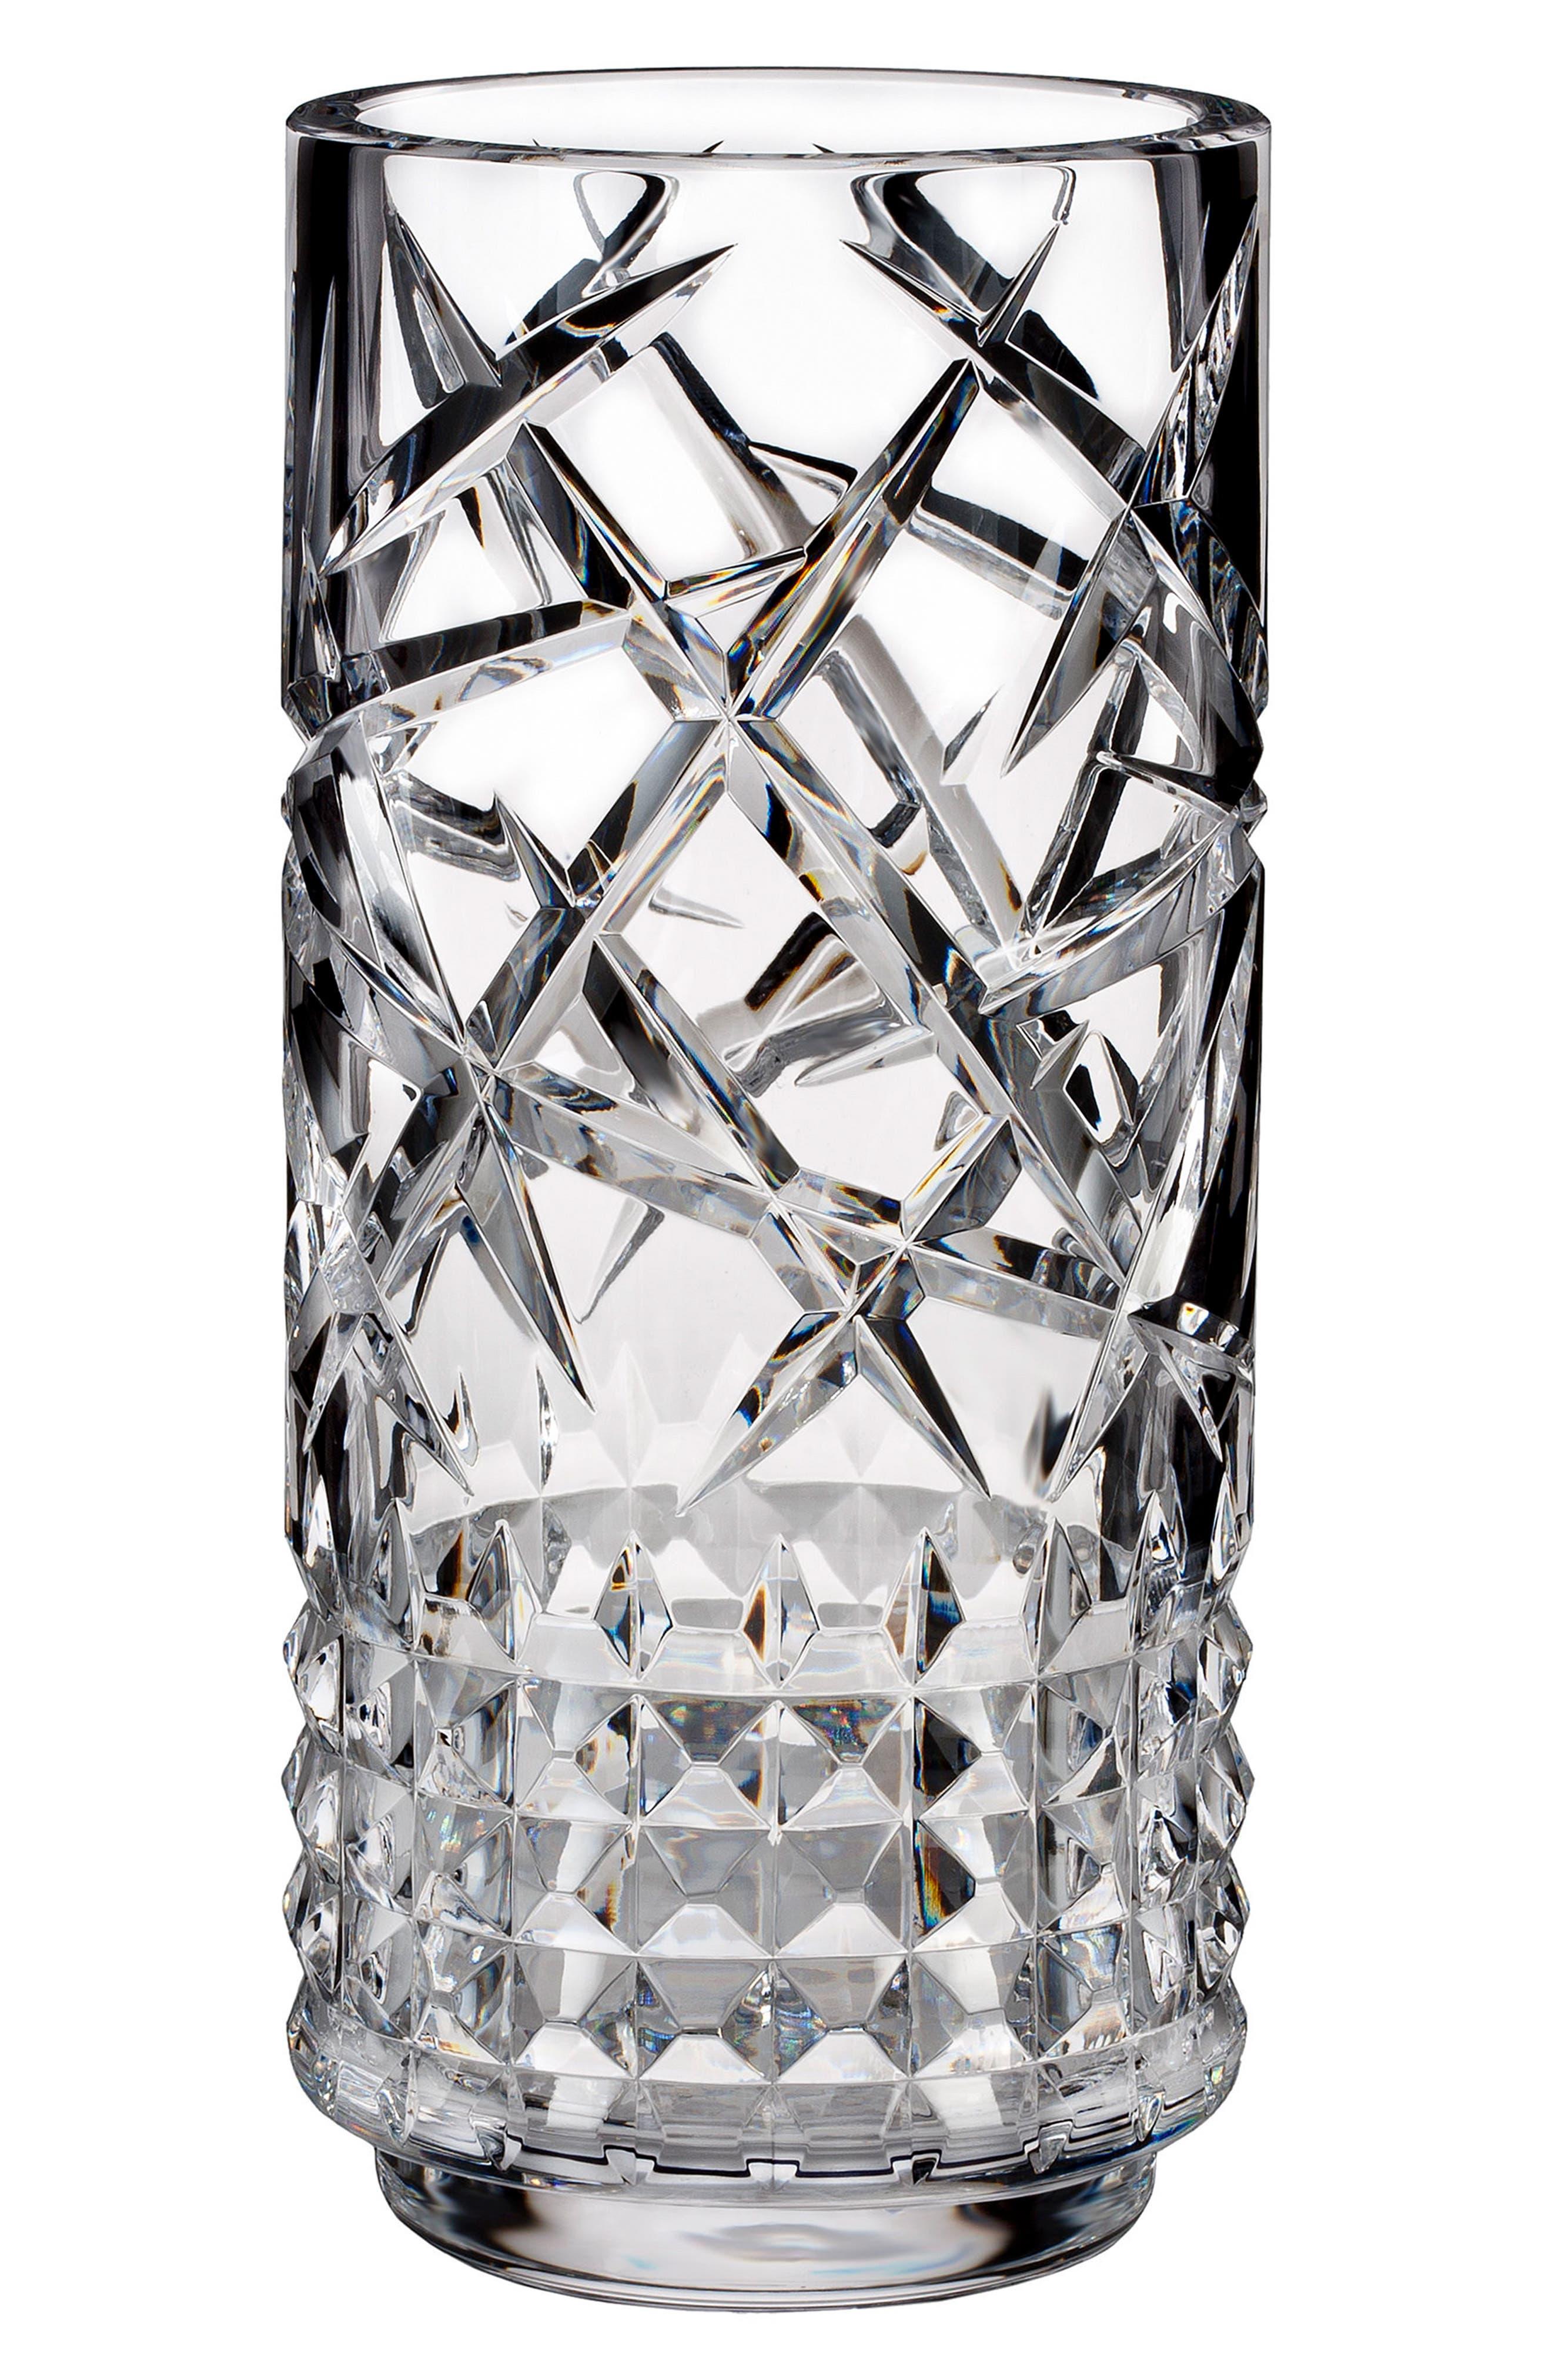 Alternate Image 1 Selected - Waterford Fleurology Jeff Leatham Tina Lead Crystal Vase